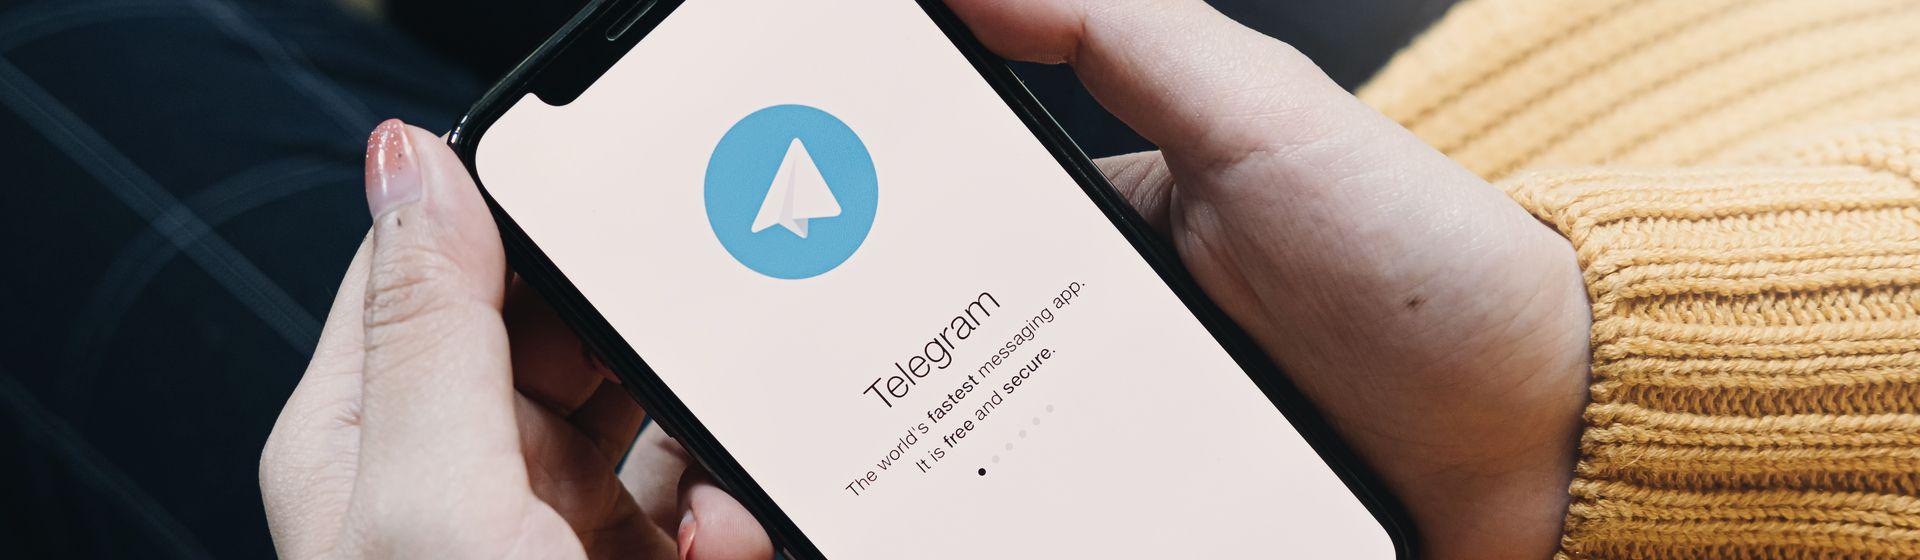 Telegram: o que é e como funciona o mensageiro instantâneo